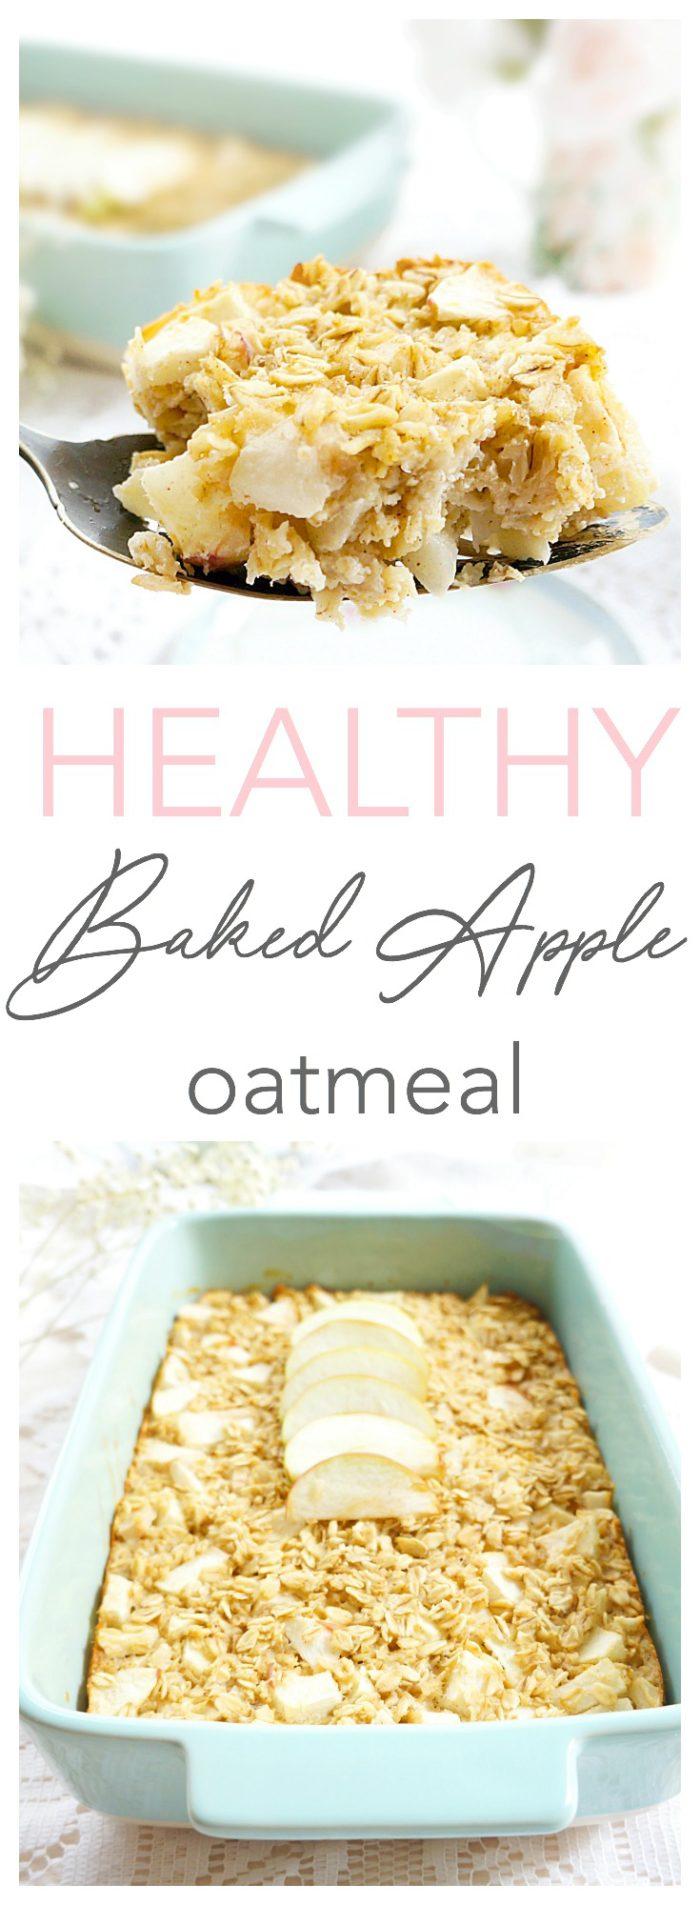 Baked Apple Oatmeal